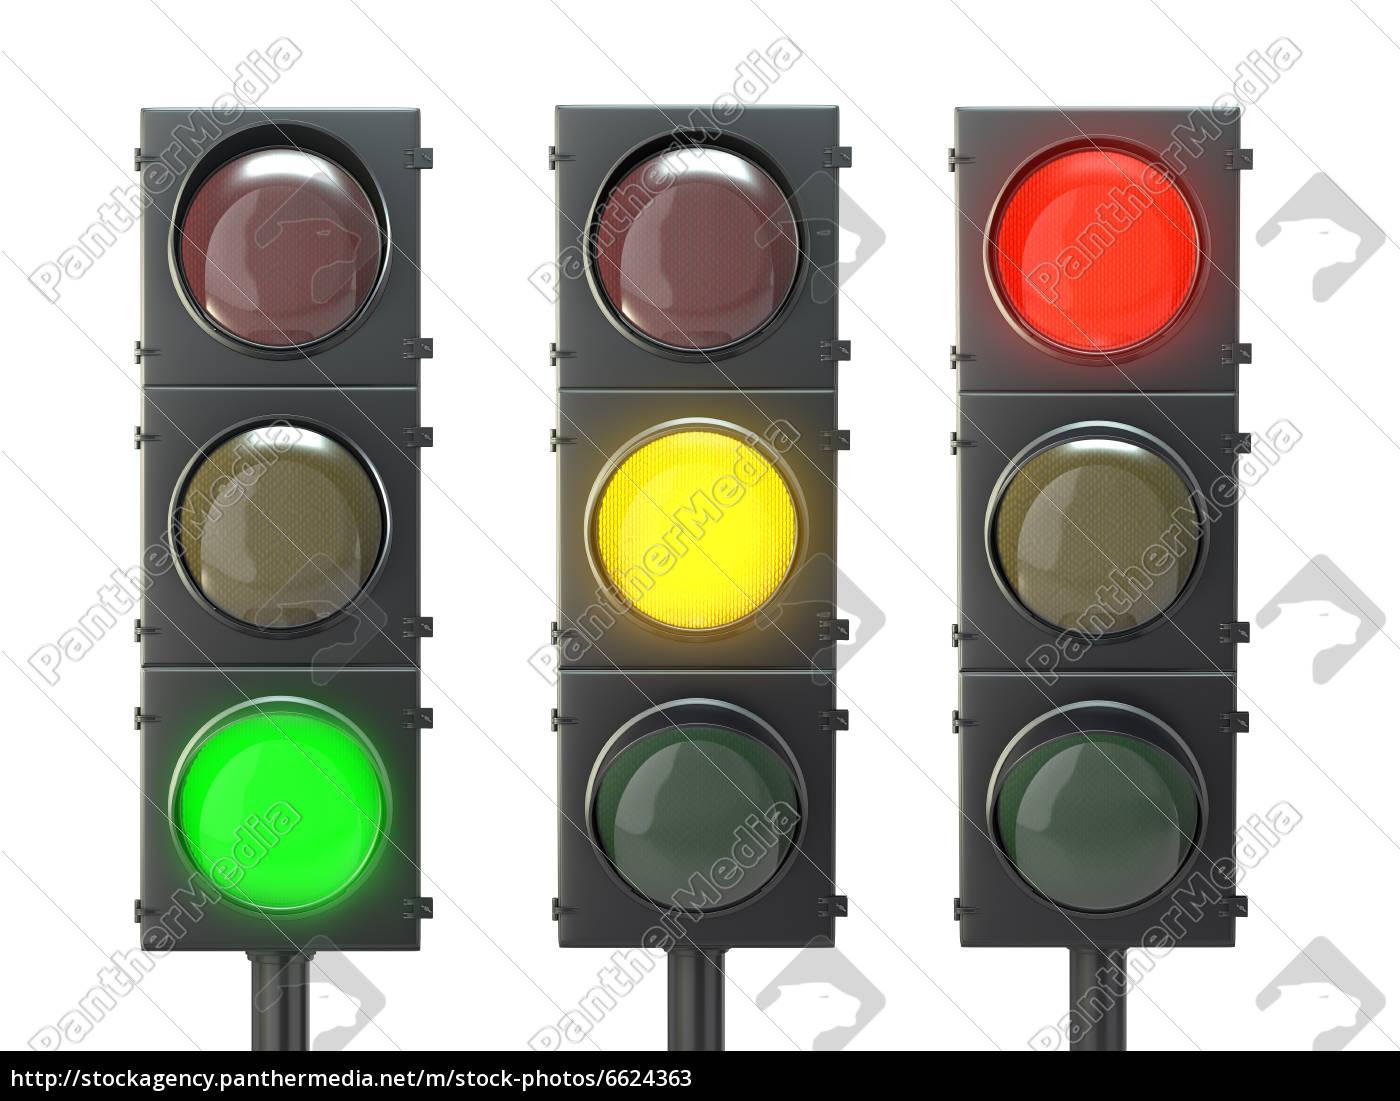 ampel, mit, roten, gelben, und, grünen, lichtern - 6624363